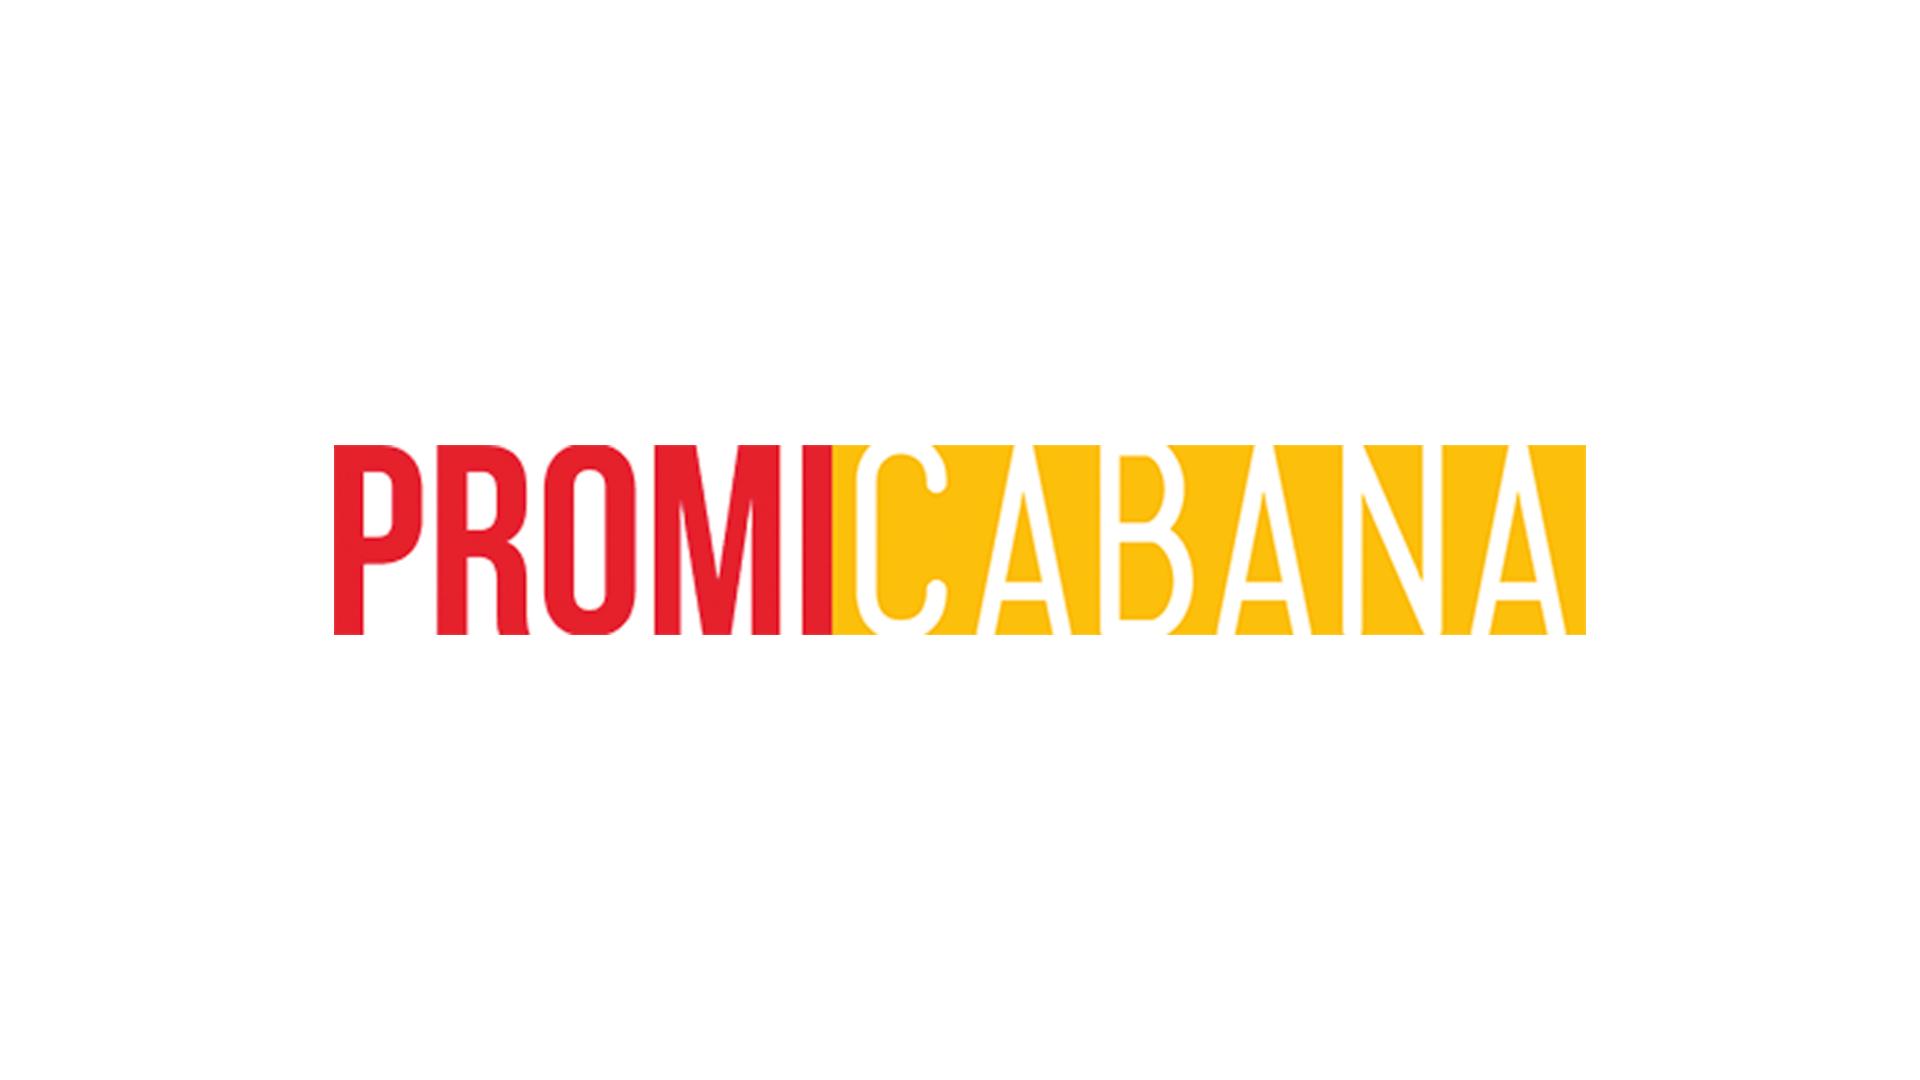 Bates-Motel-Finale-Norma-Vera-Farmiga-Leiche